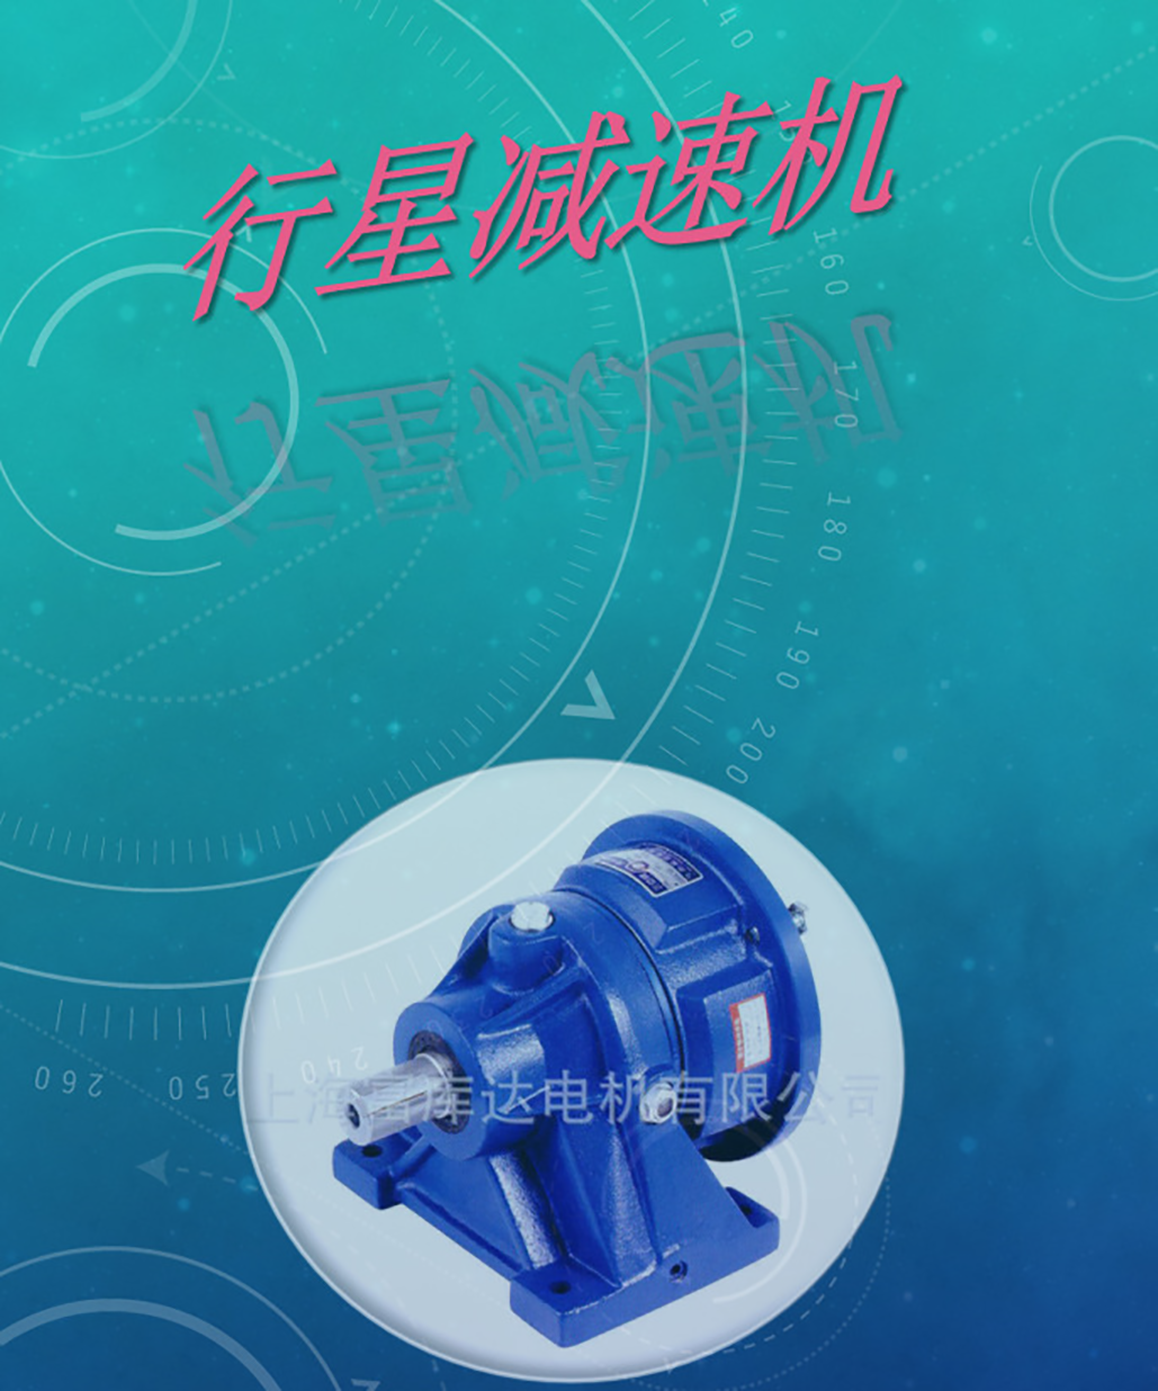 台湾三亚减速机 交流电机 高速电机 防爆电机